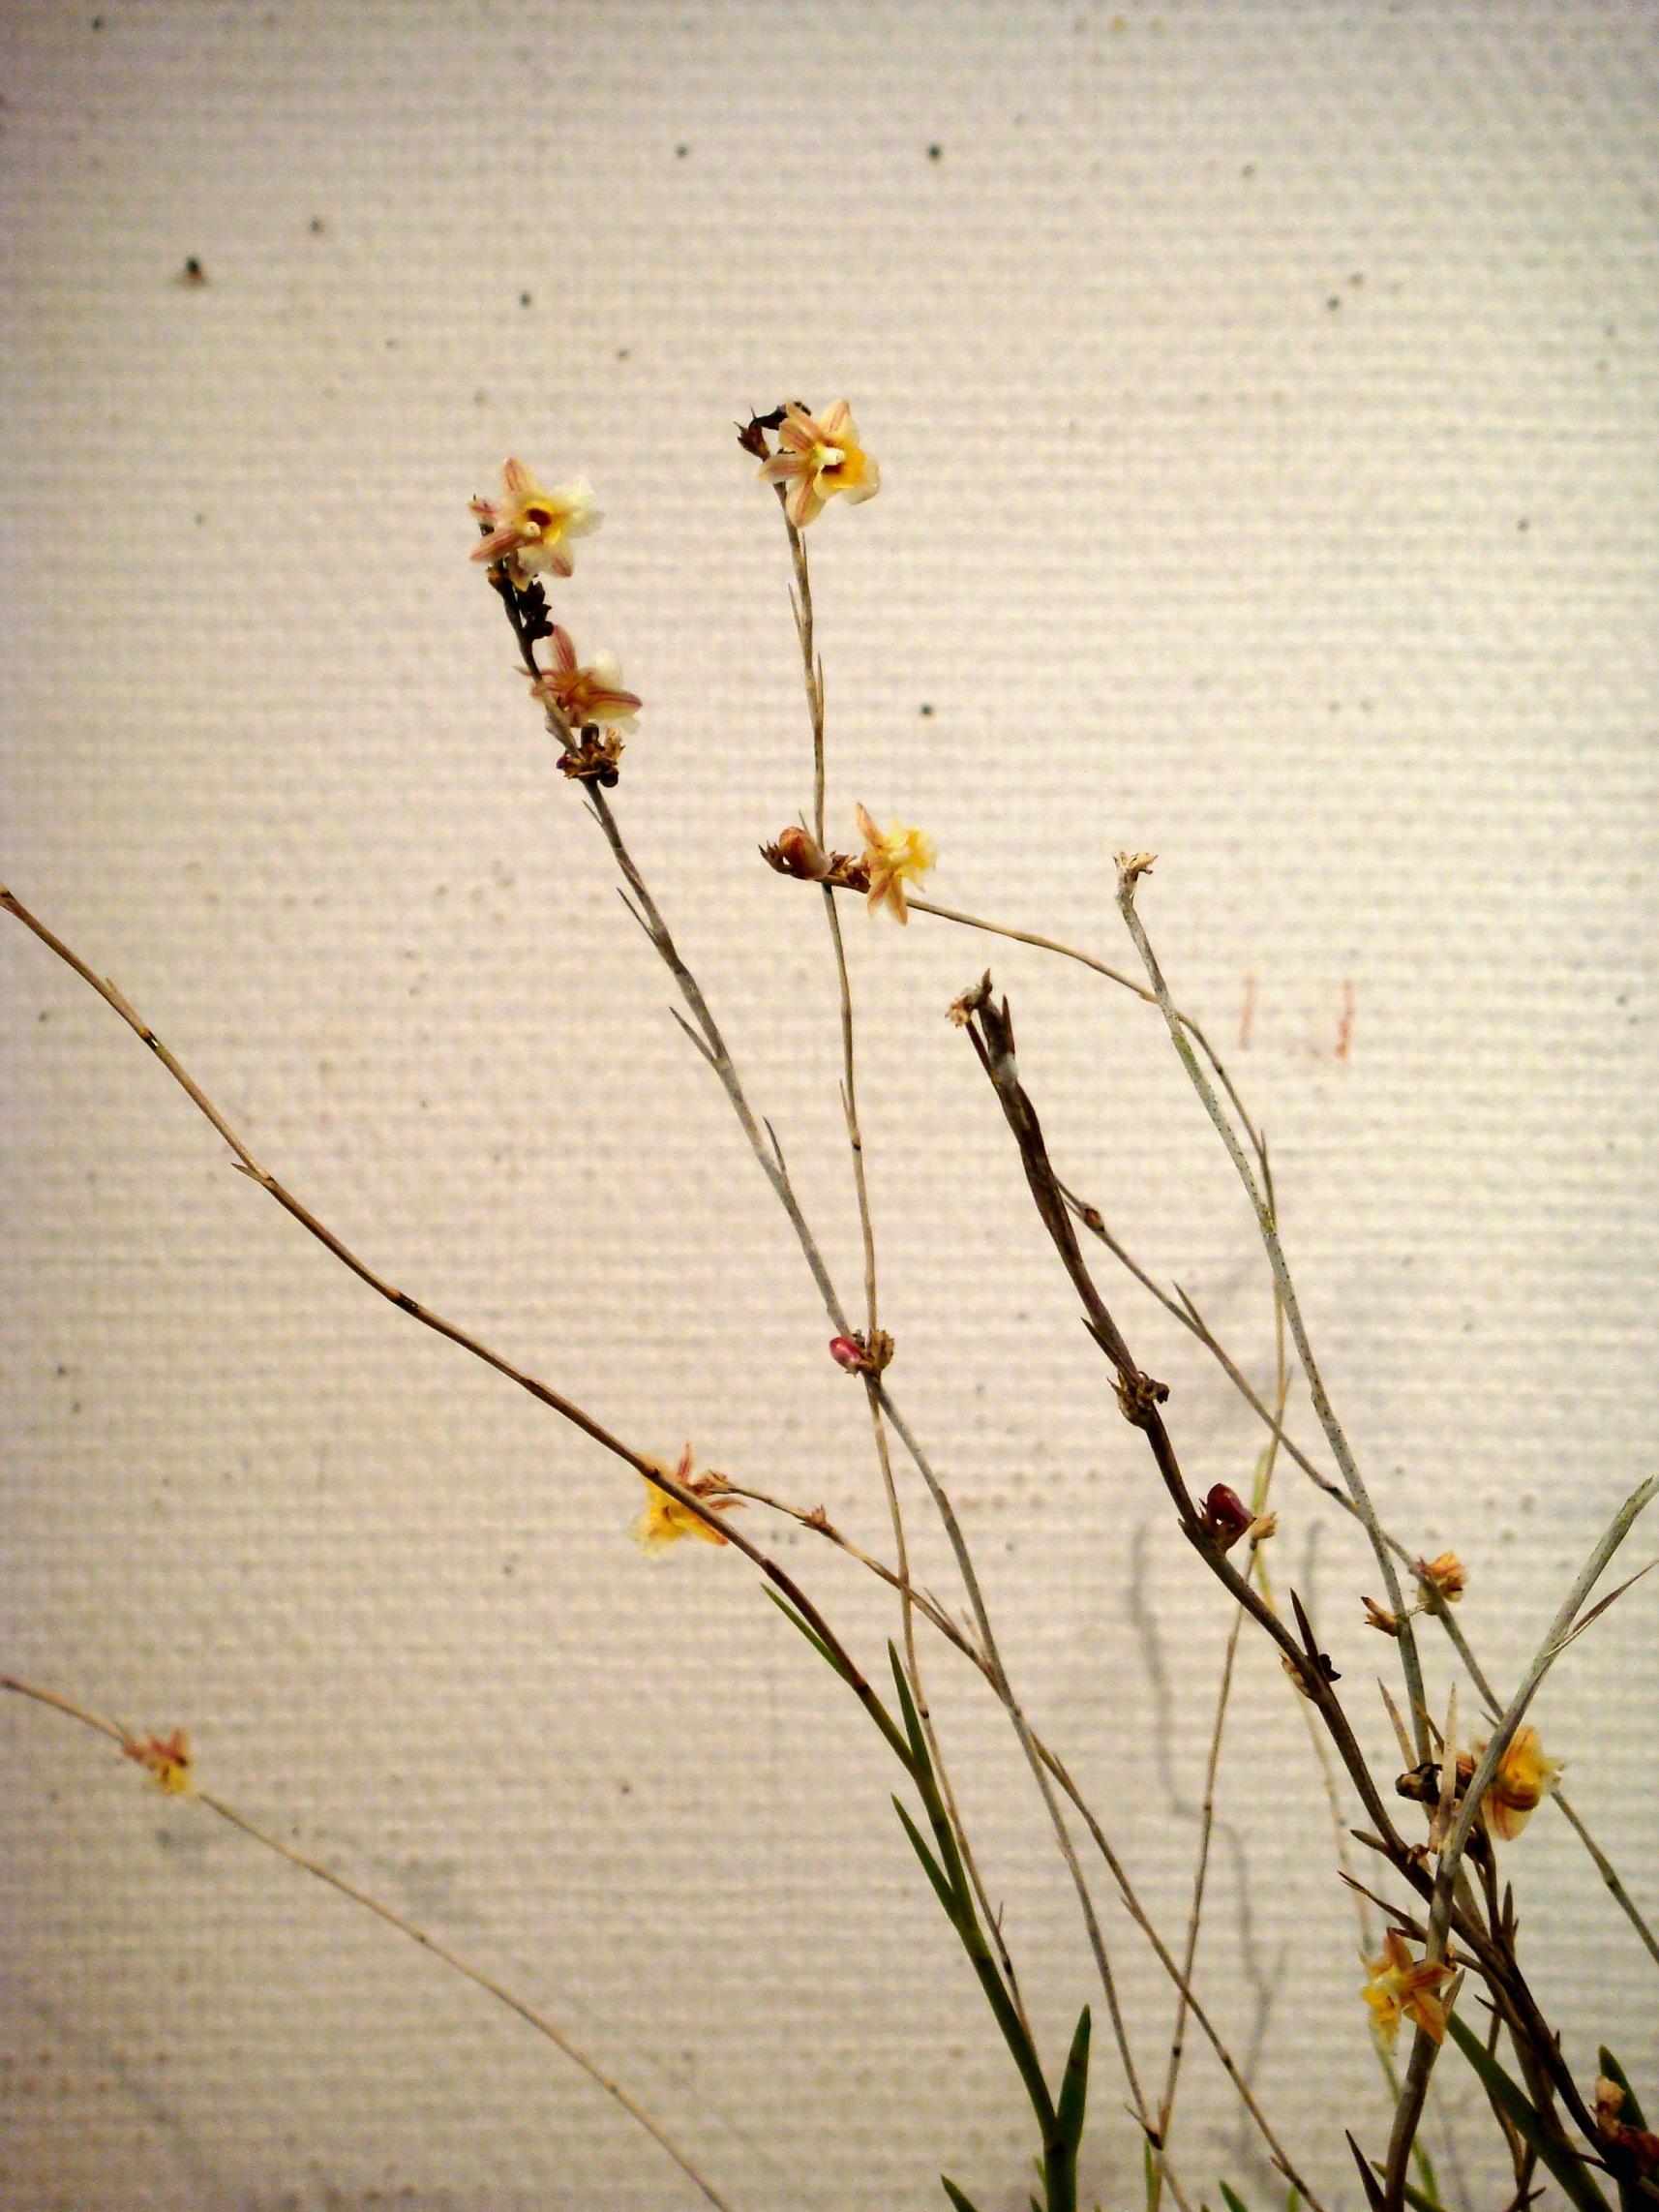 http://orchids.la.coocan.jp/Dendrobium/Dendrobium%20patentilobum/DSC01582.JPG